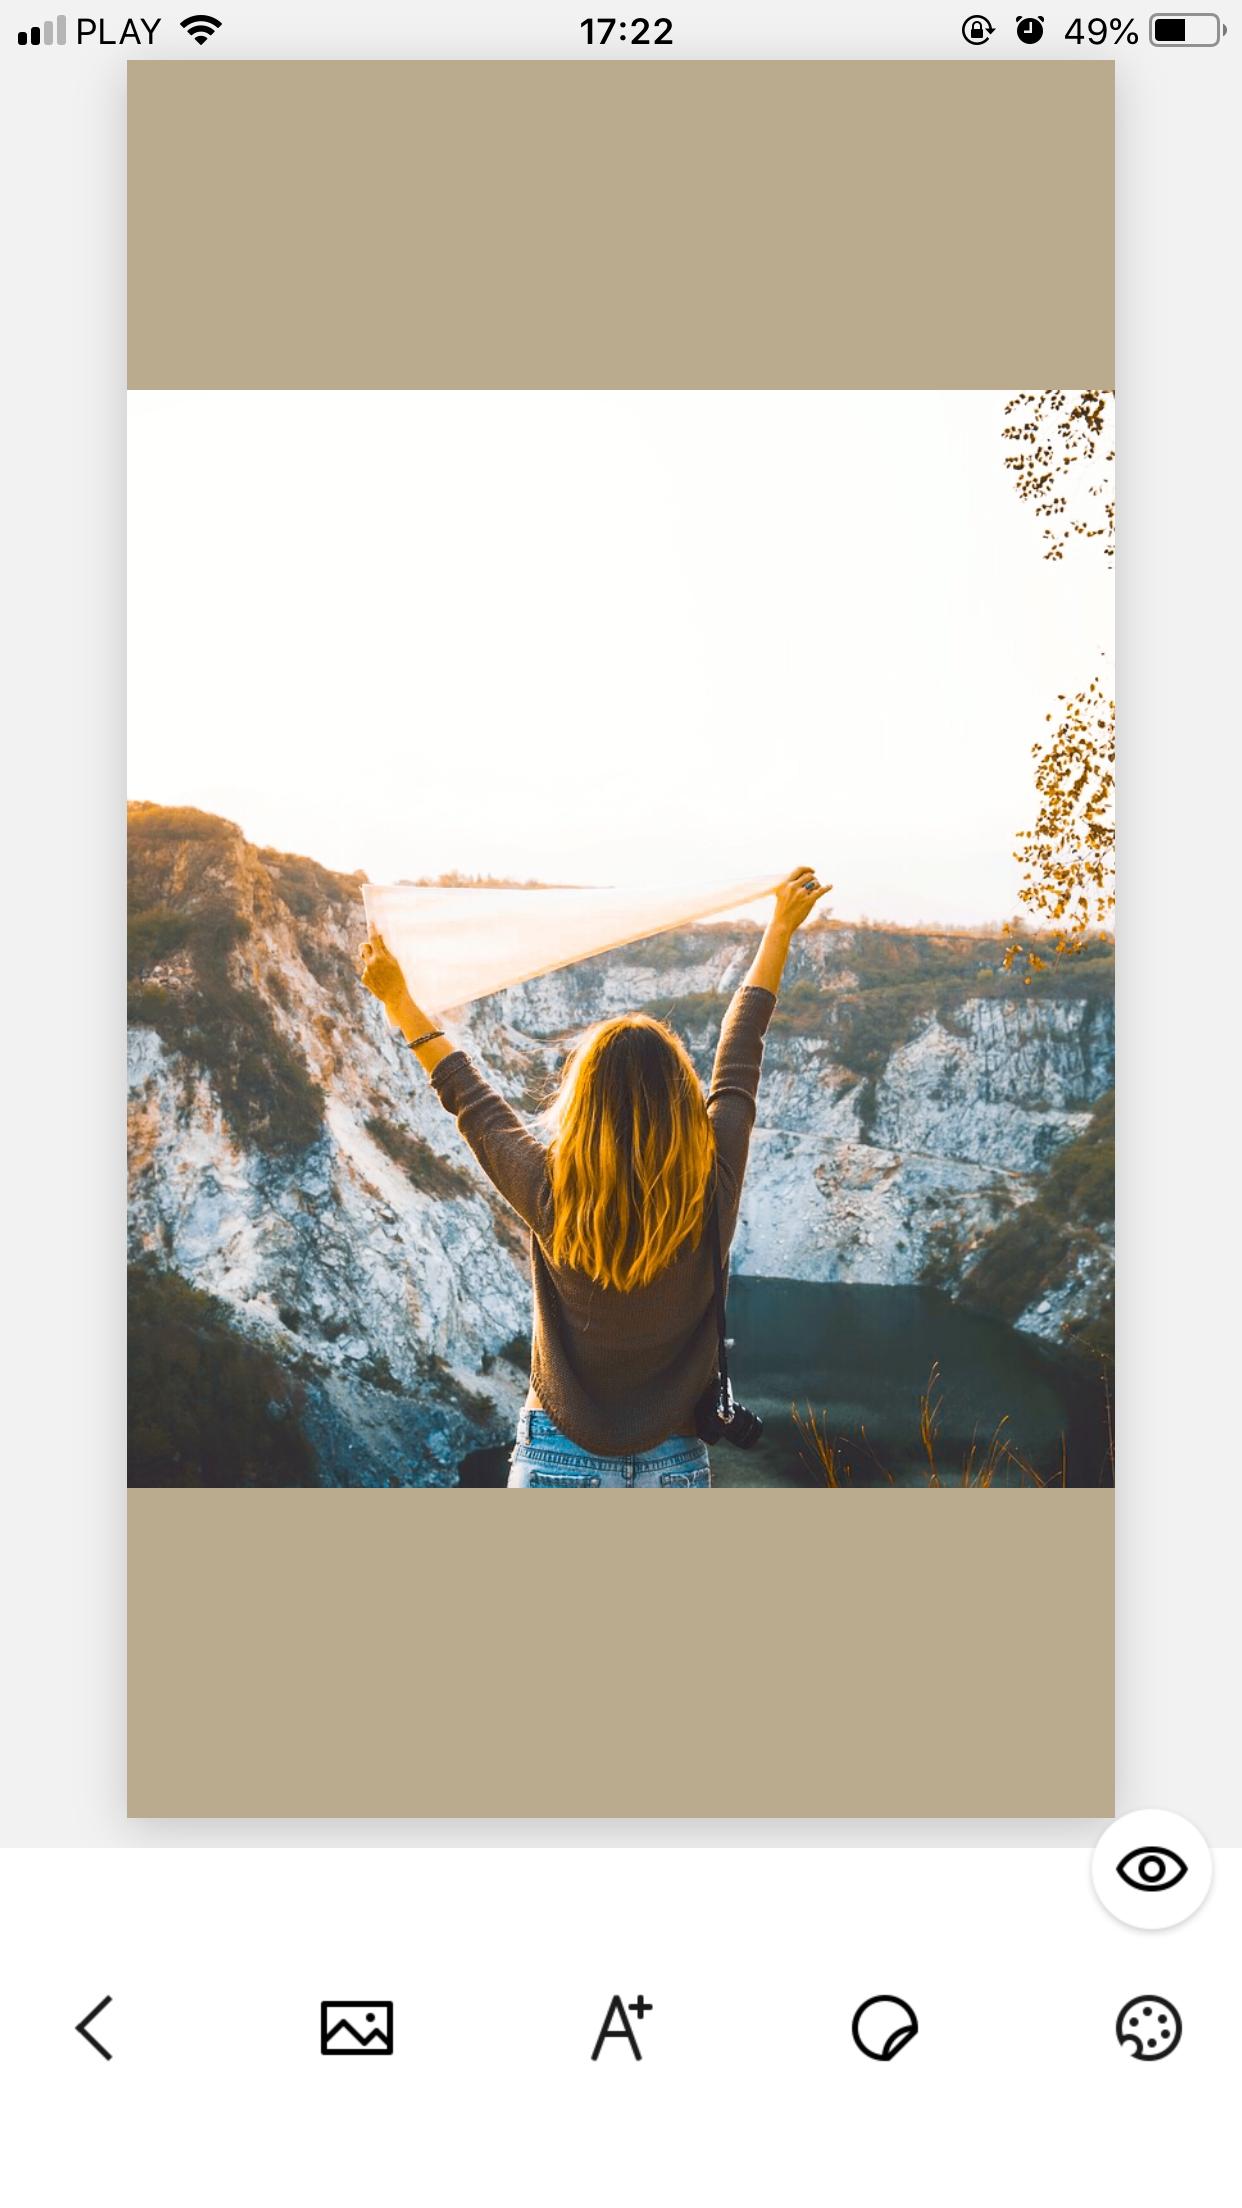 aplikacje do insta story storyart